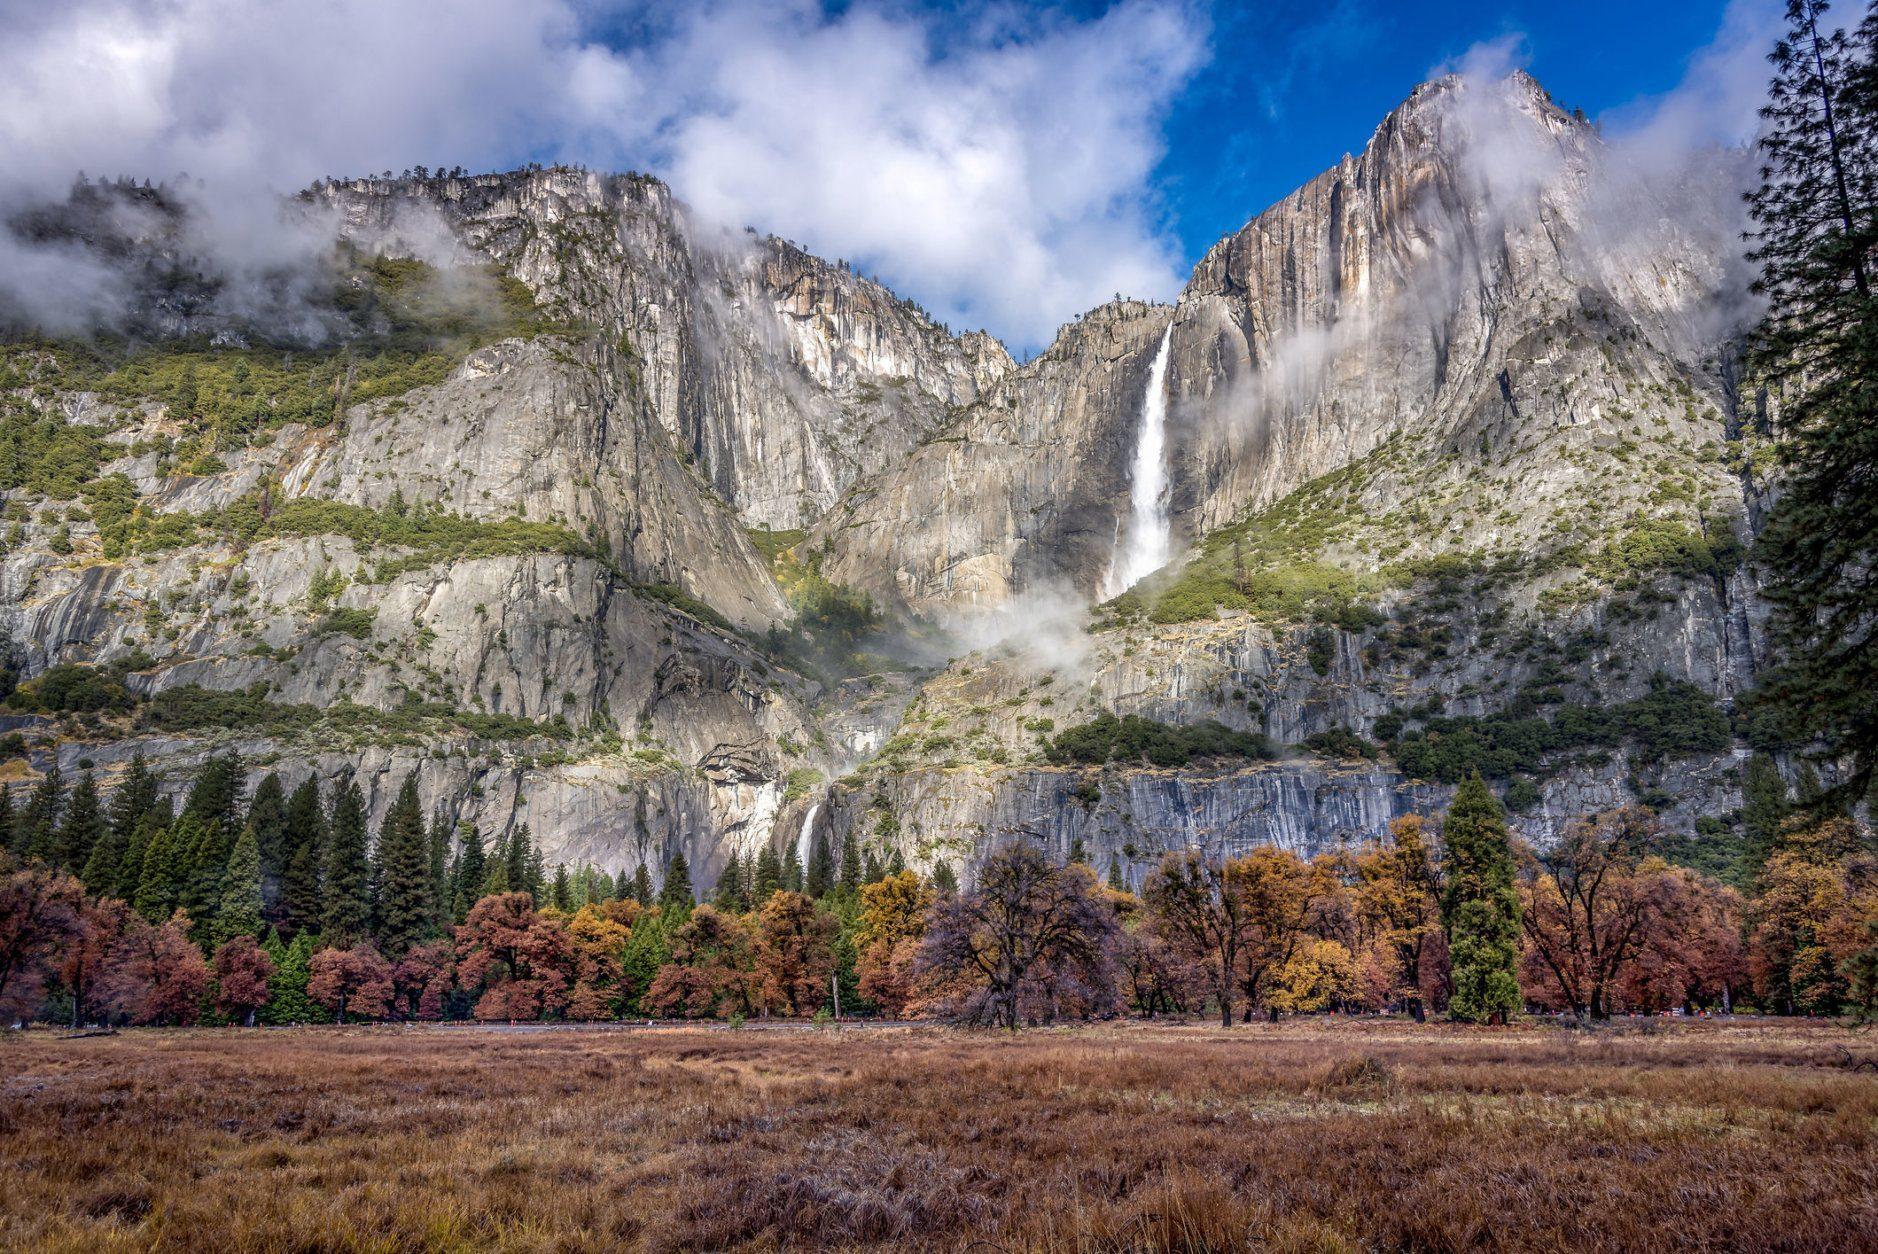 Yosemite falls at the Yosemite National Park, California, USA